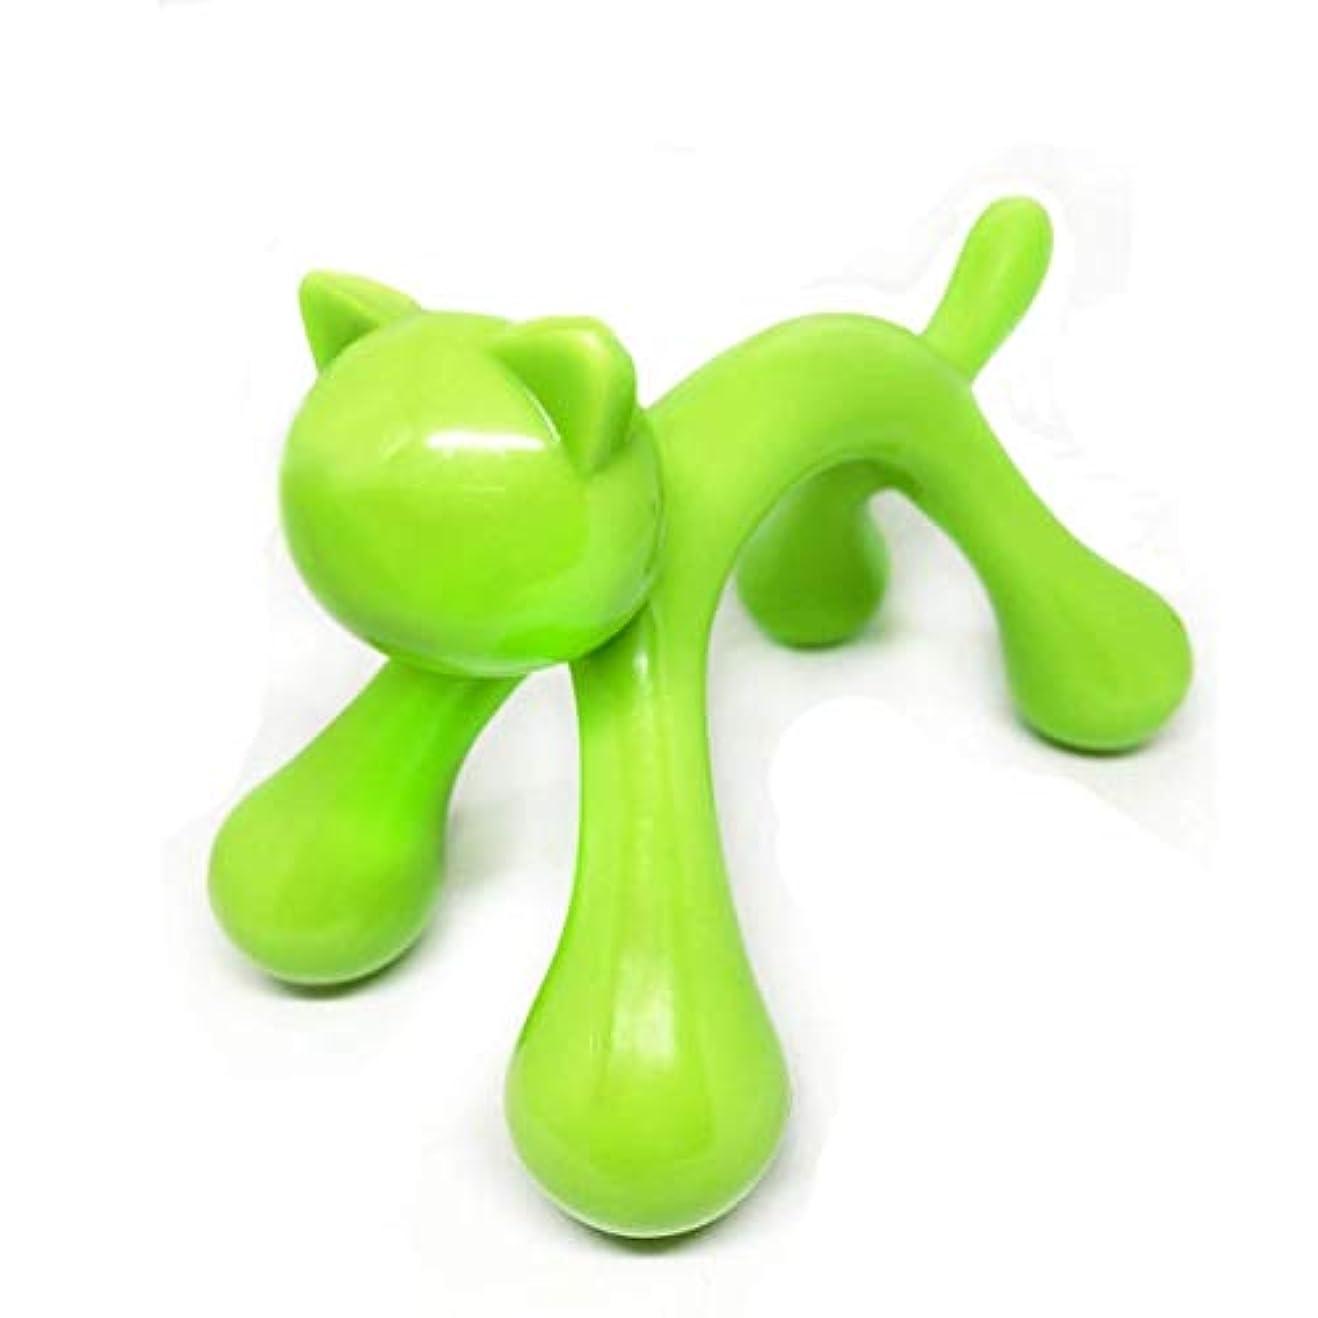 ヘロイン不安定お誕生日Flymylion マッサージ棒 ツボ押しマッサージ台 握りタイプ 背中 ウッド 疲労回復 ハンド 背中 首 肩こり解消 可愛いネコ型 (グリーン)